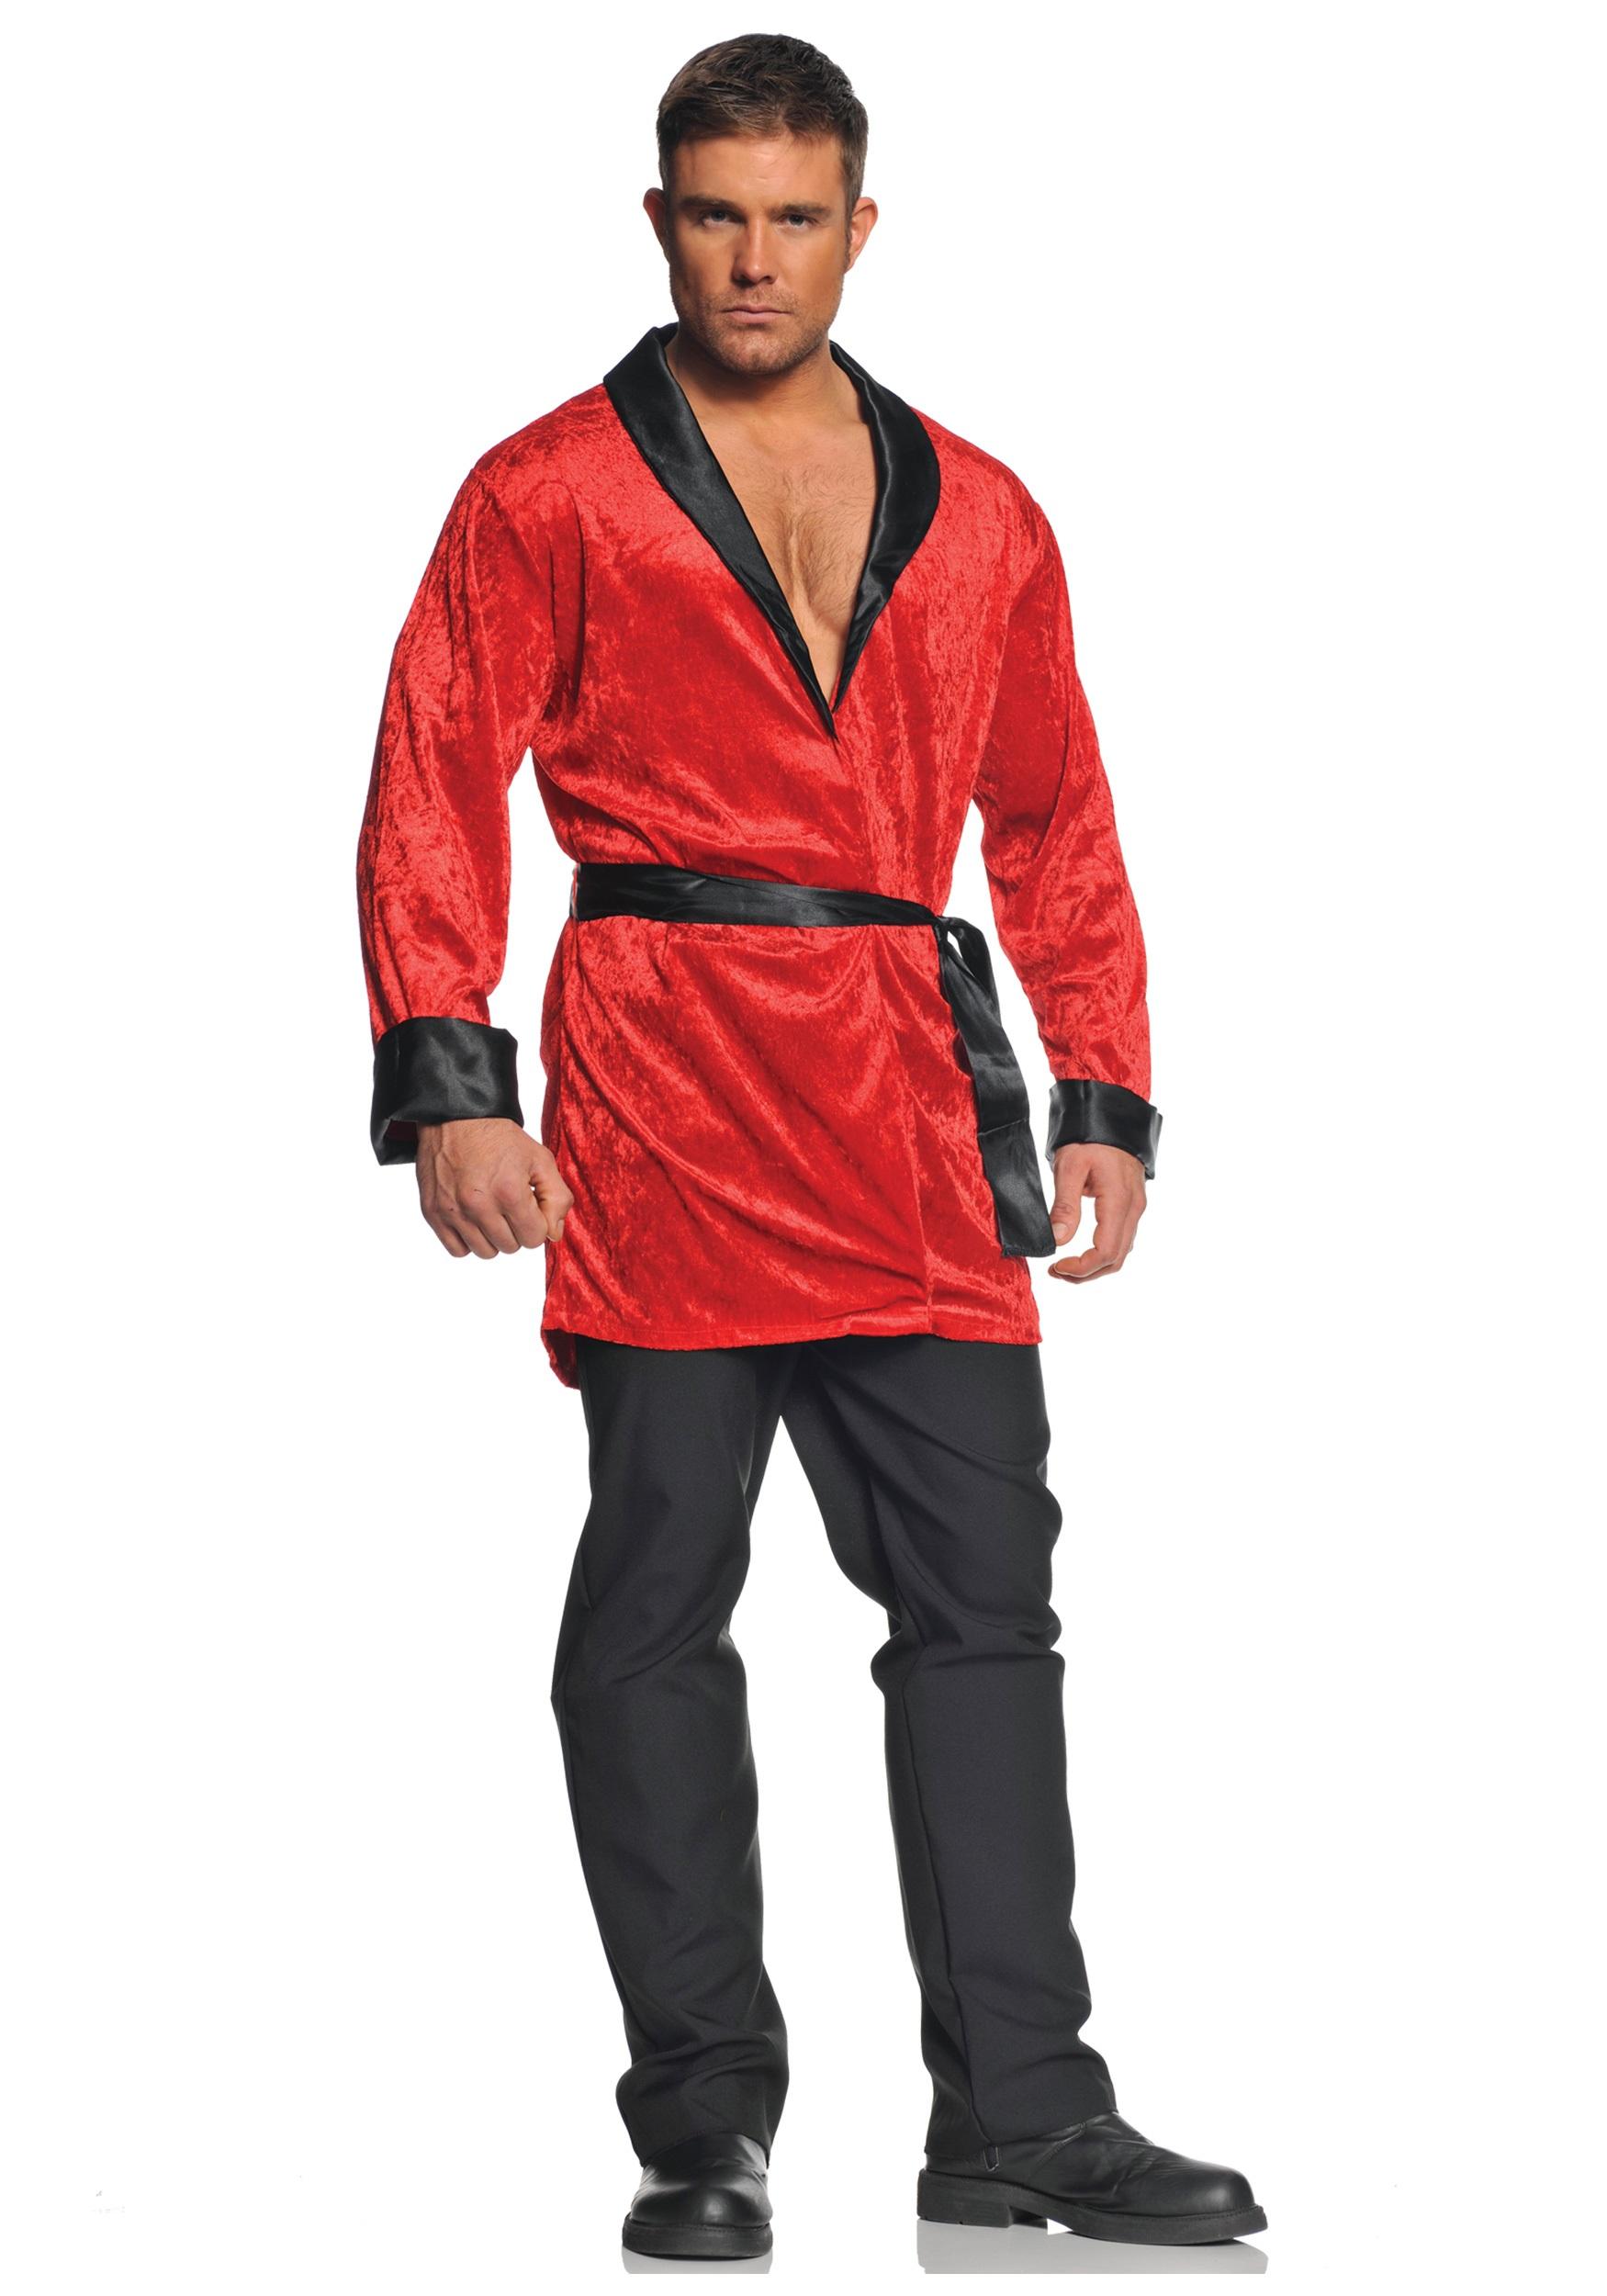 plus size fancy dress costumes sydney